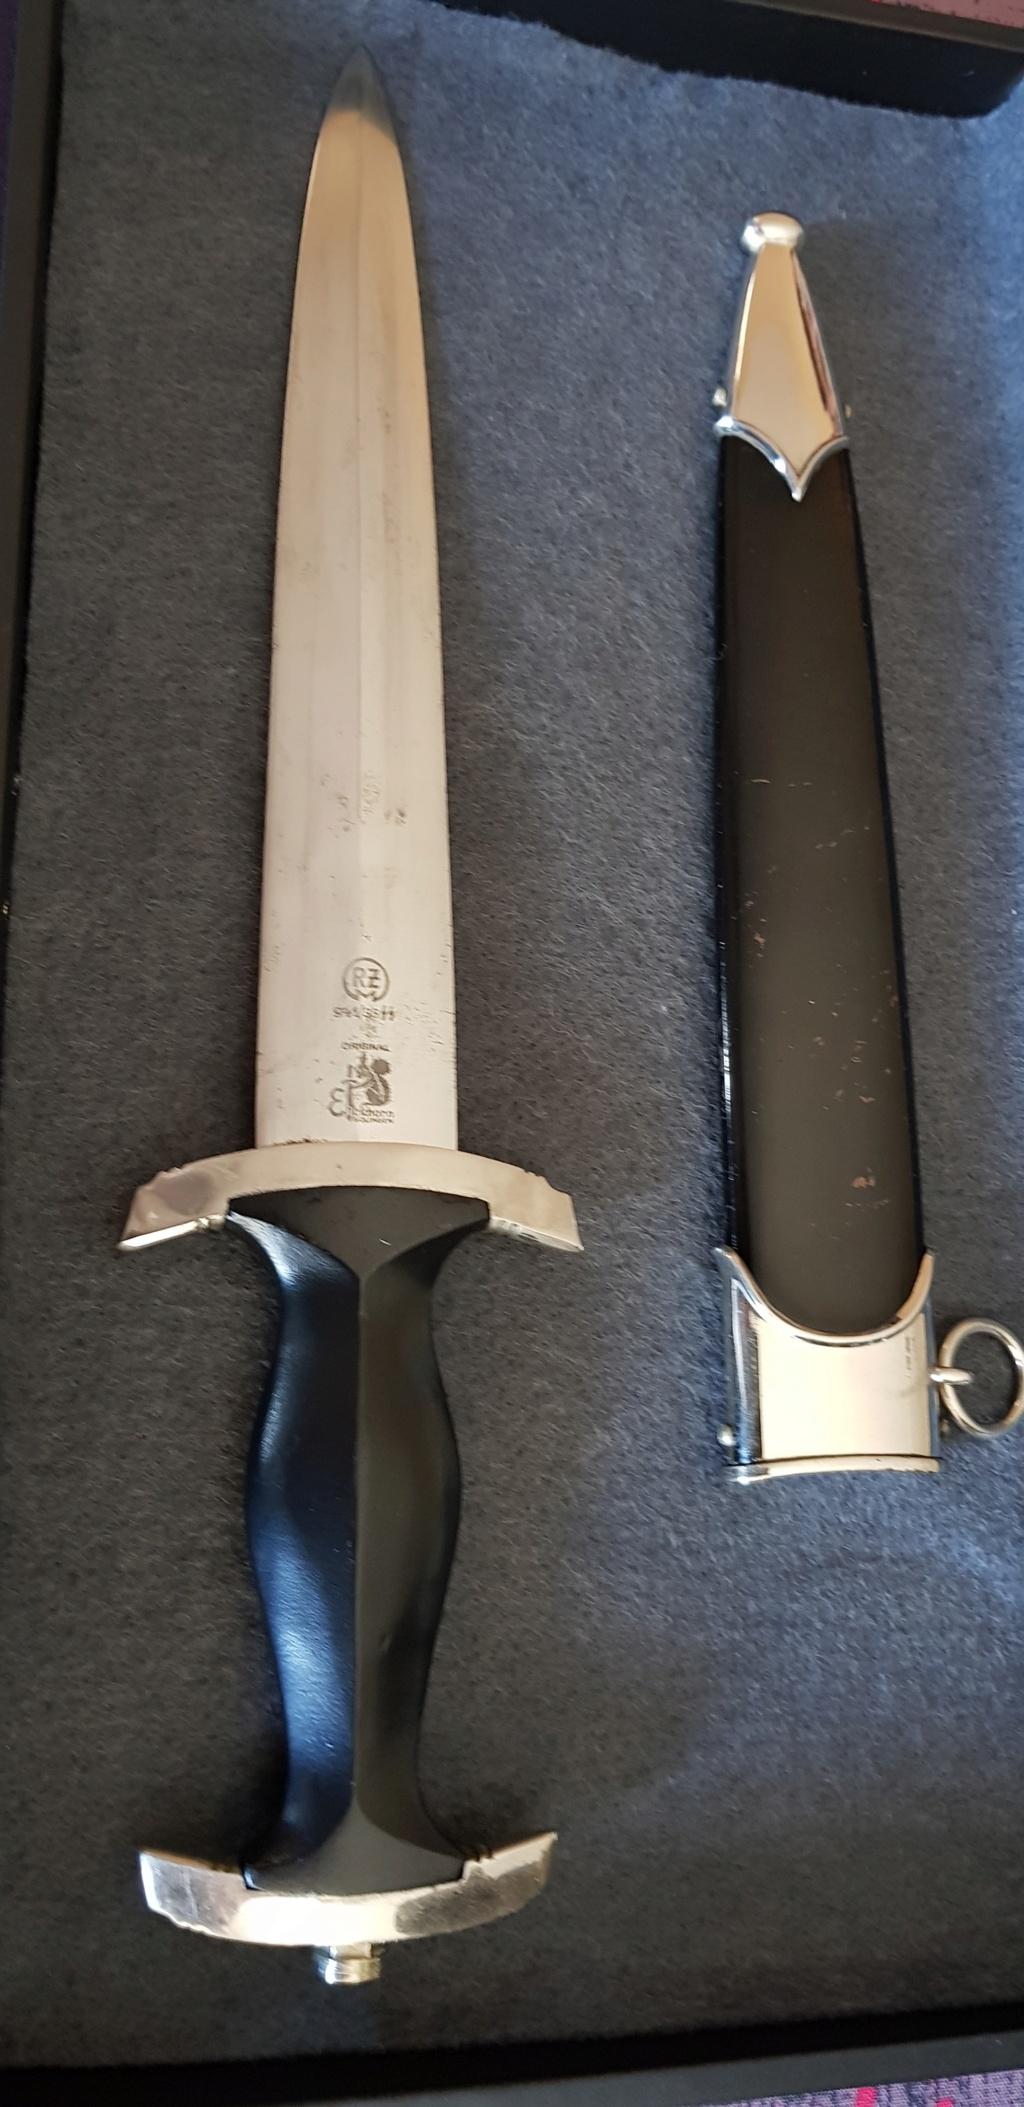 Voici ma dague SS assez rare et dans un état neuf : Dague_11